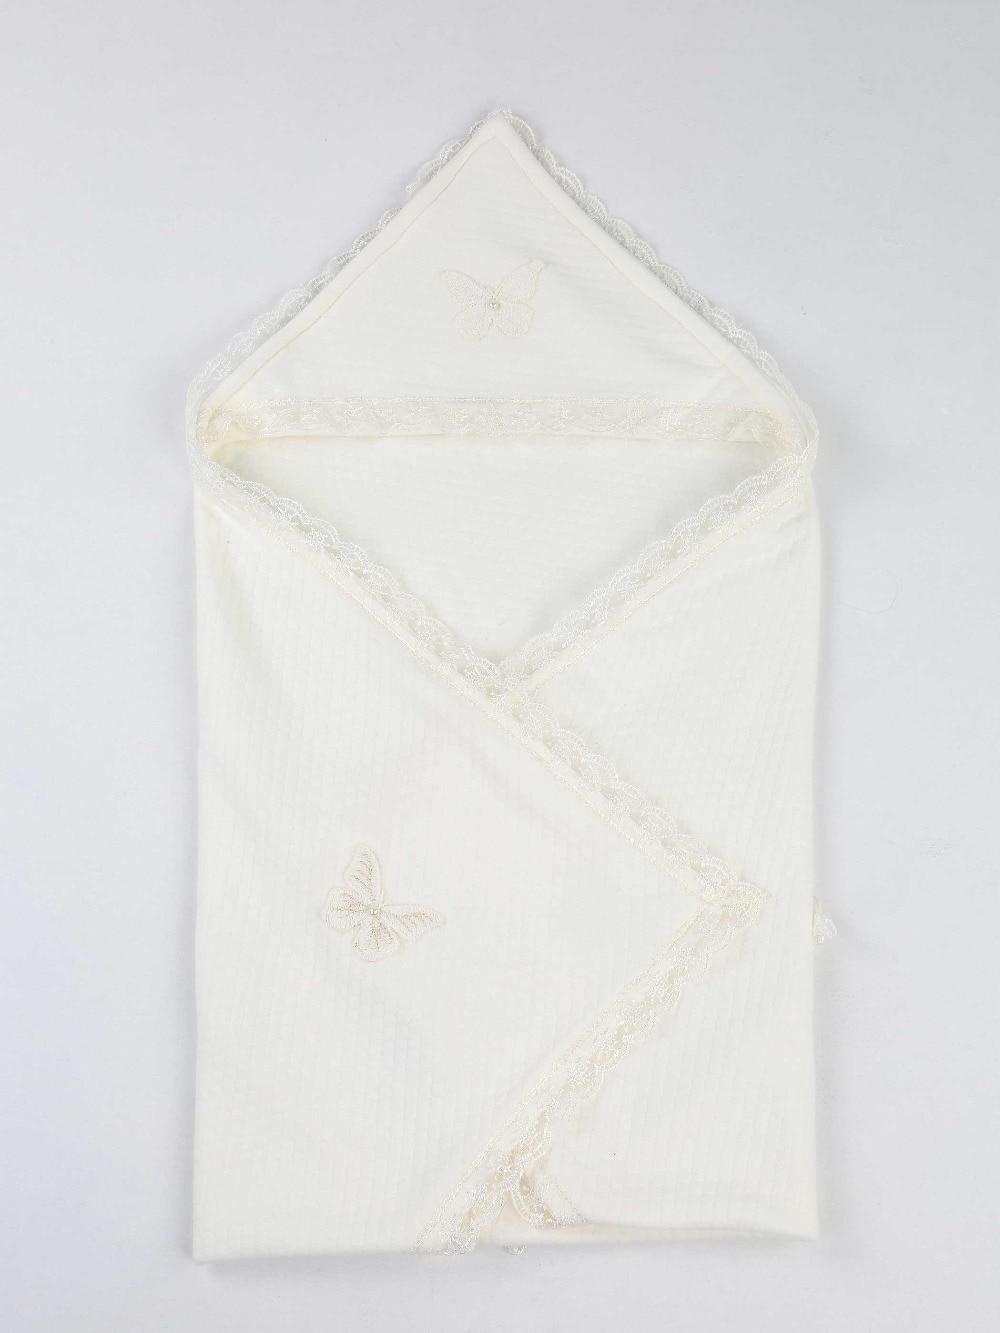 078-10211-027 Beyaz 85X85 cm  Bebek Kundak Battaniye (1)